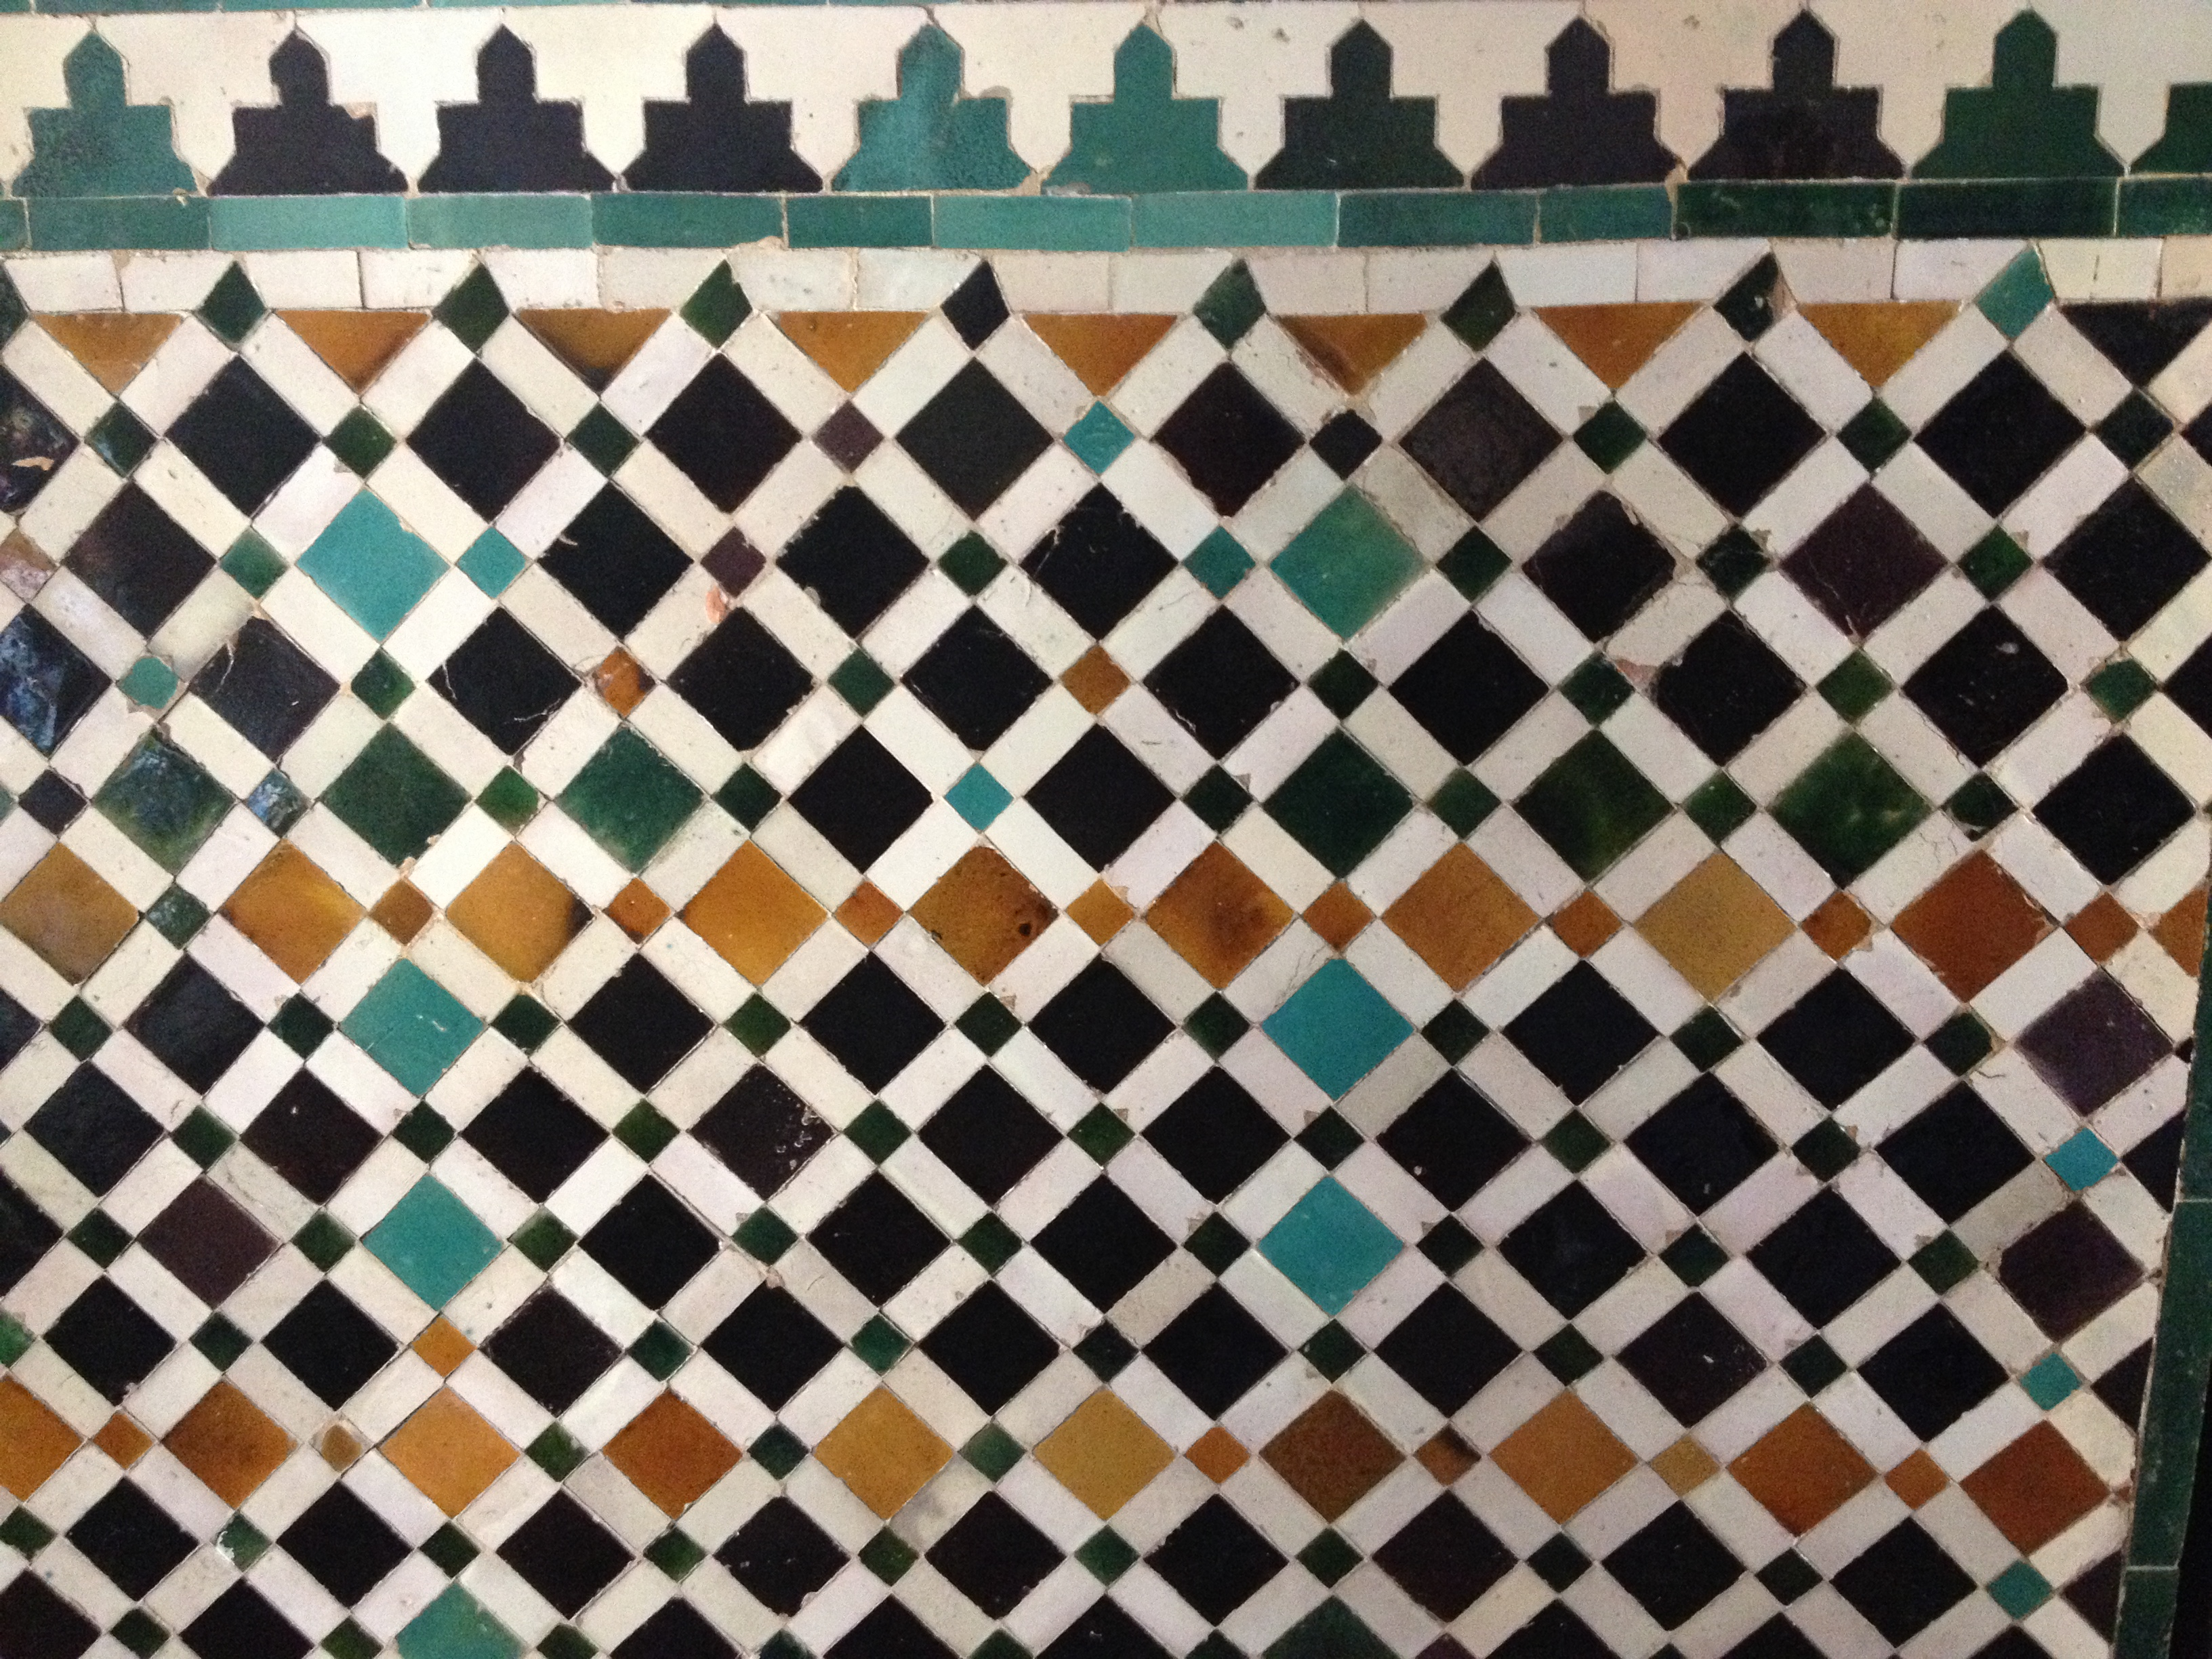 Ceramiche dipinte che ovunque impreziosiscono gli interni dell'Alcazar di Siviglia.